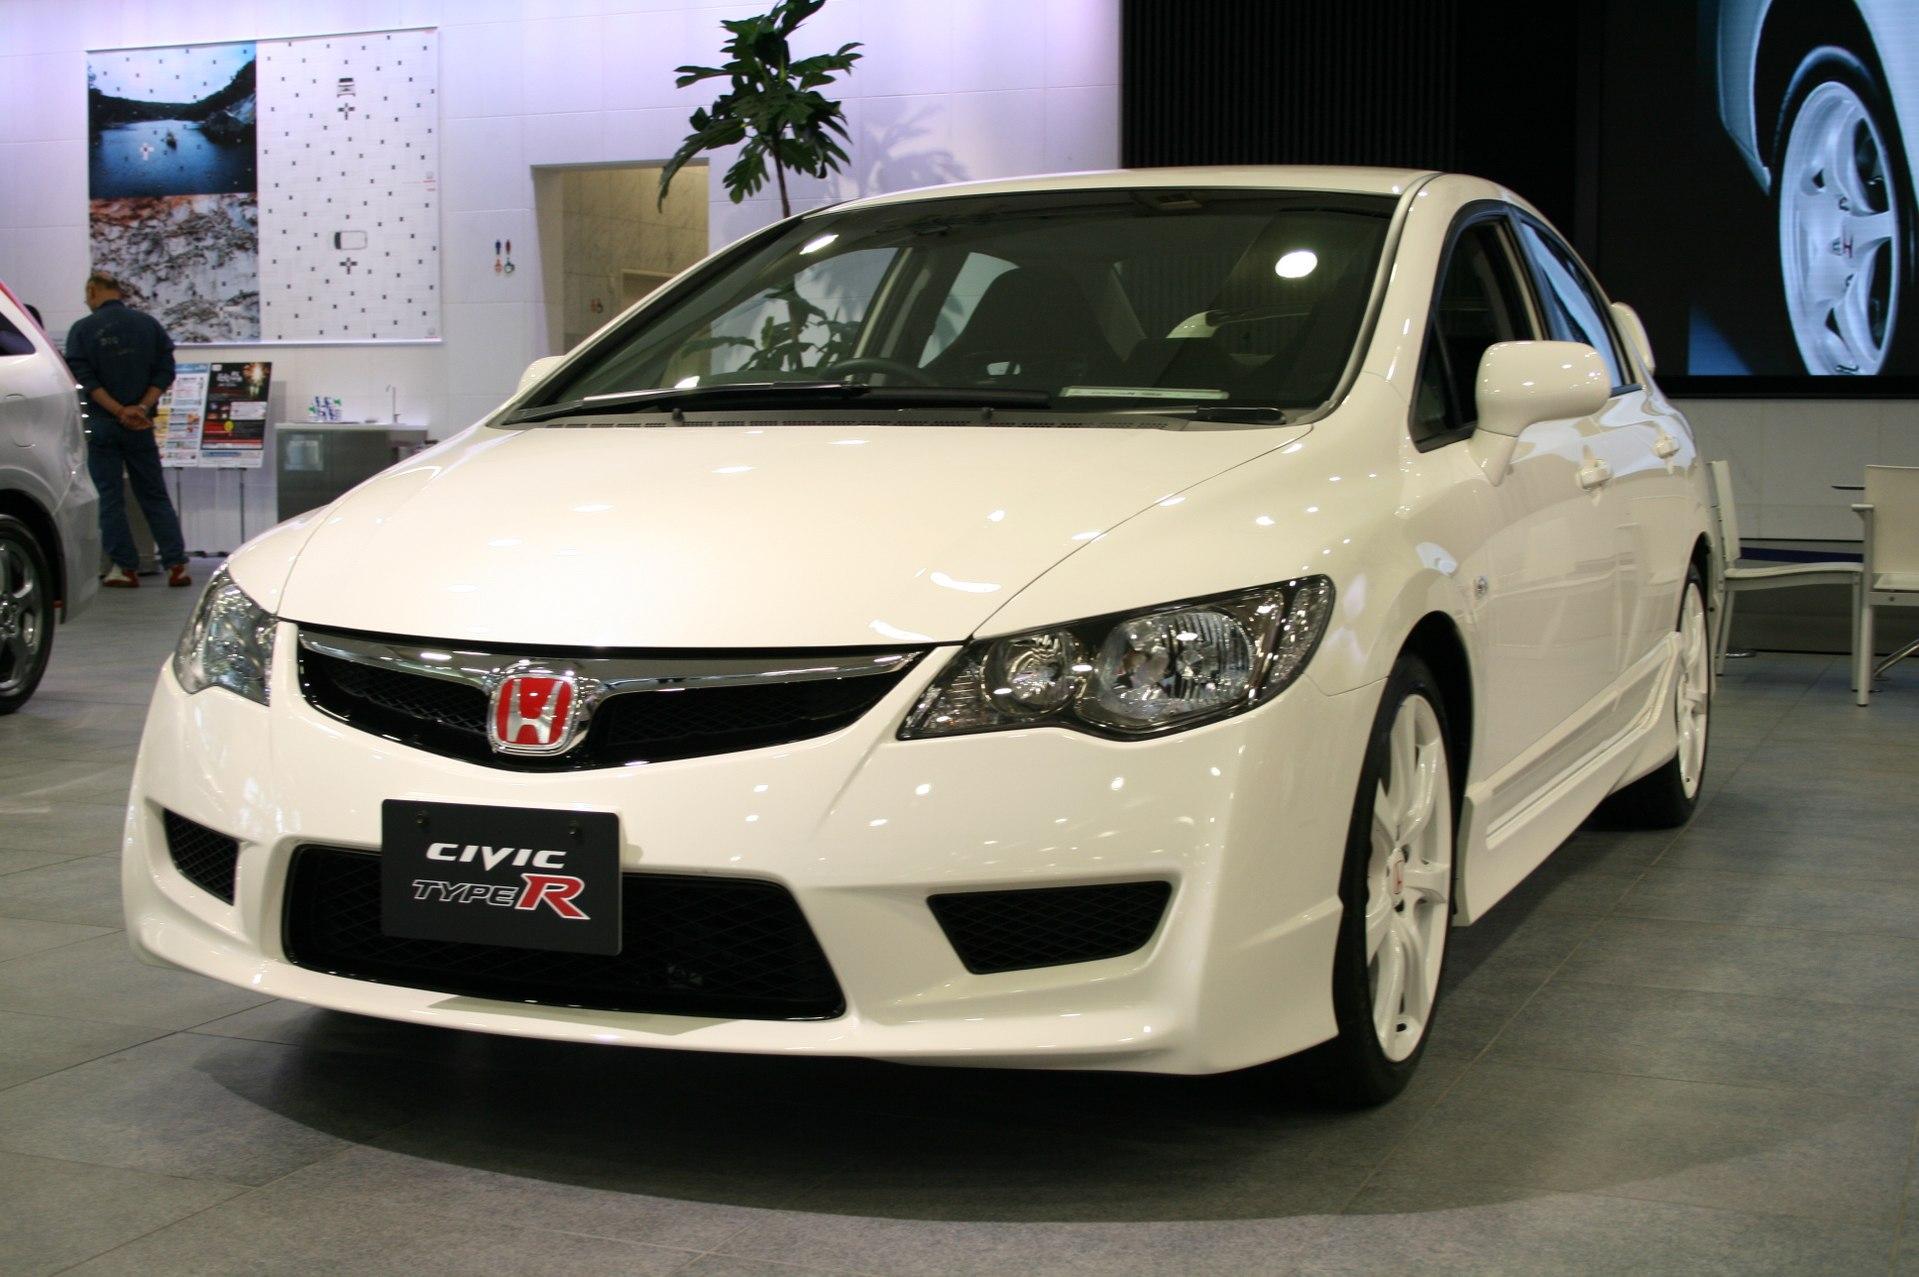 Honda Type R - Wikipedia